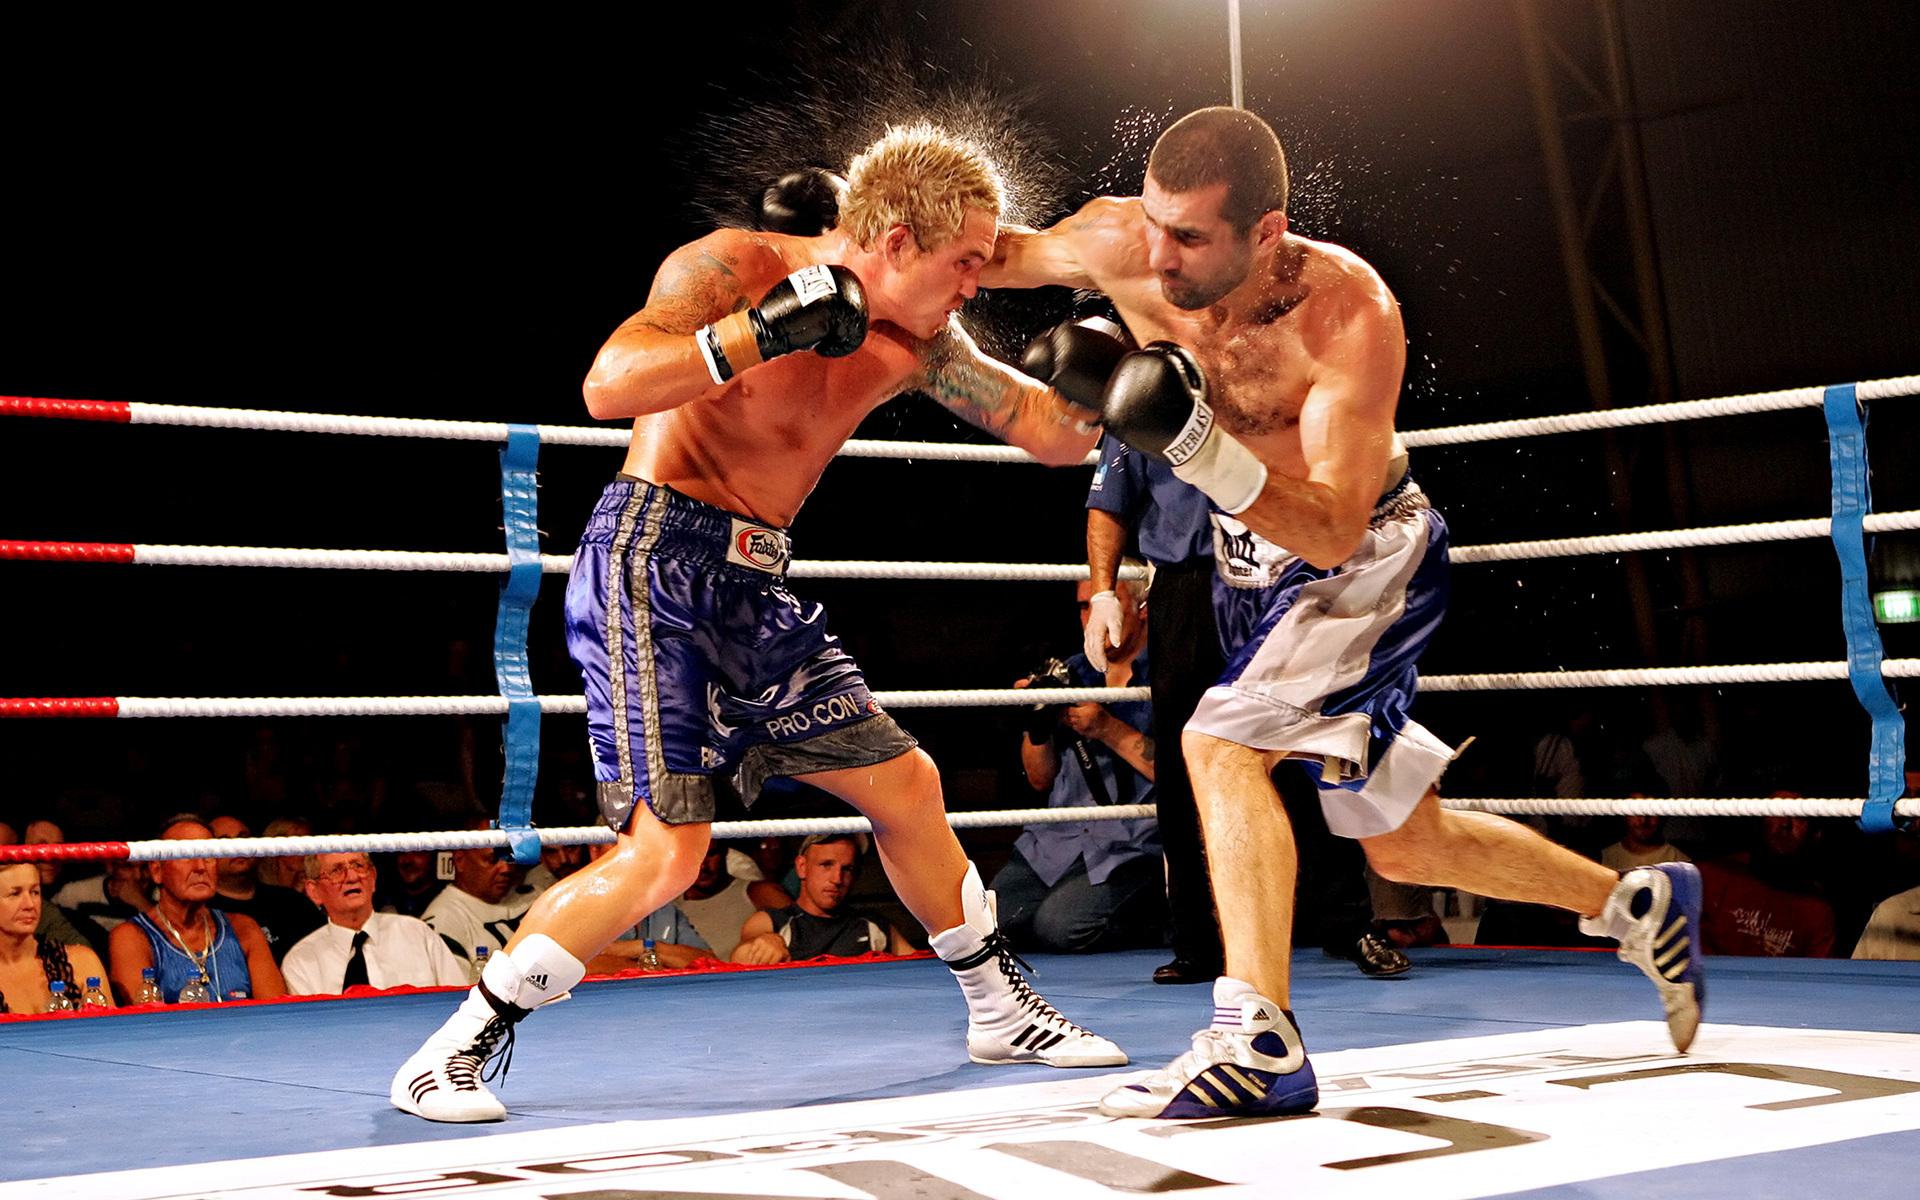 Спорт бокс ринг мужчины удар